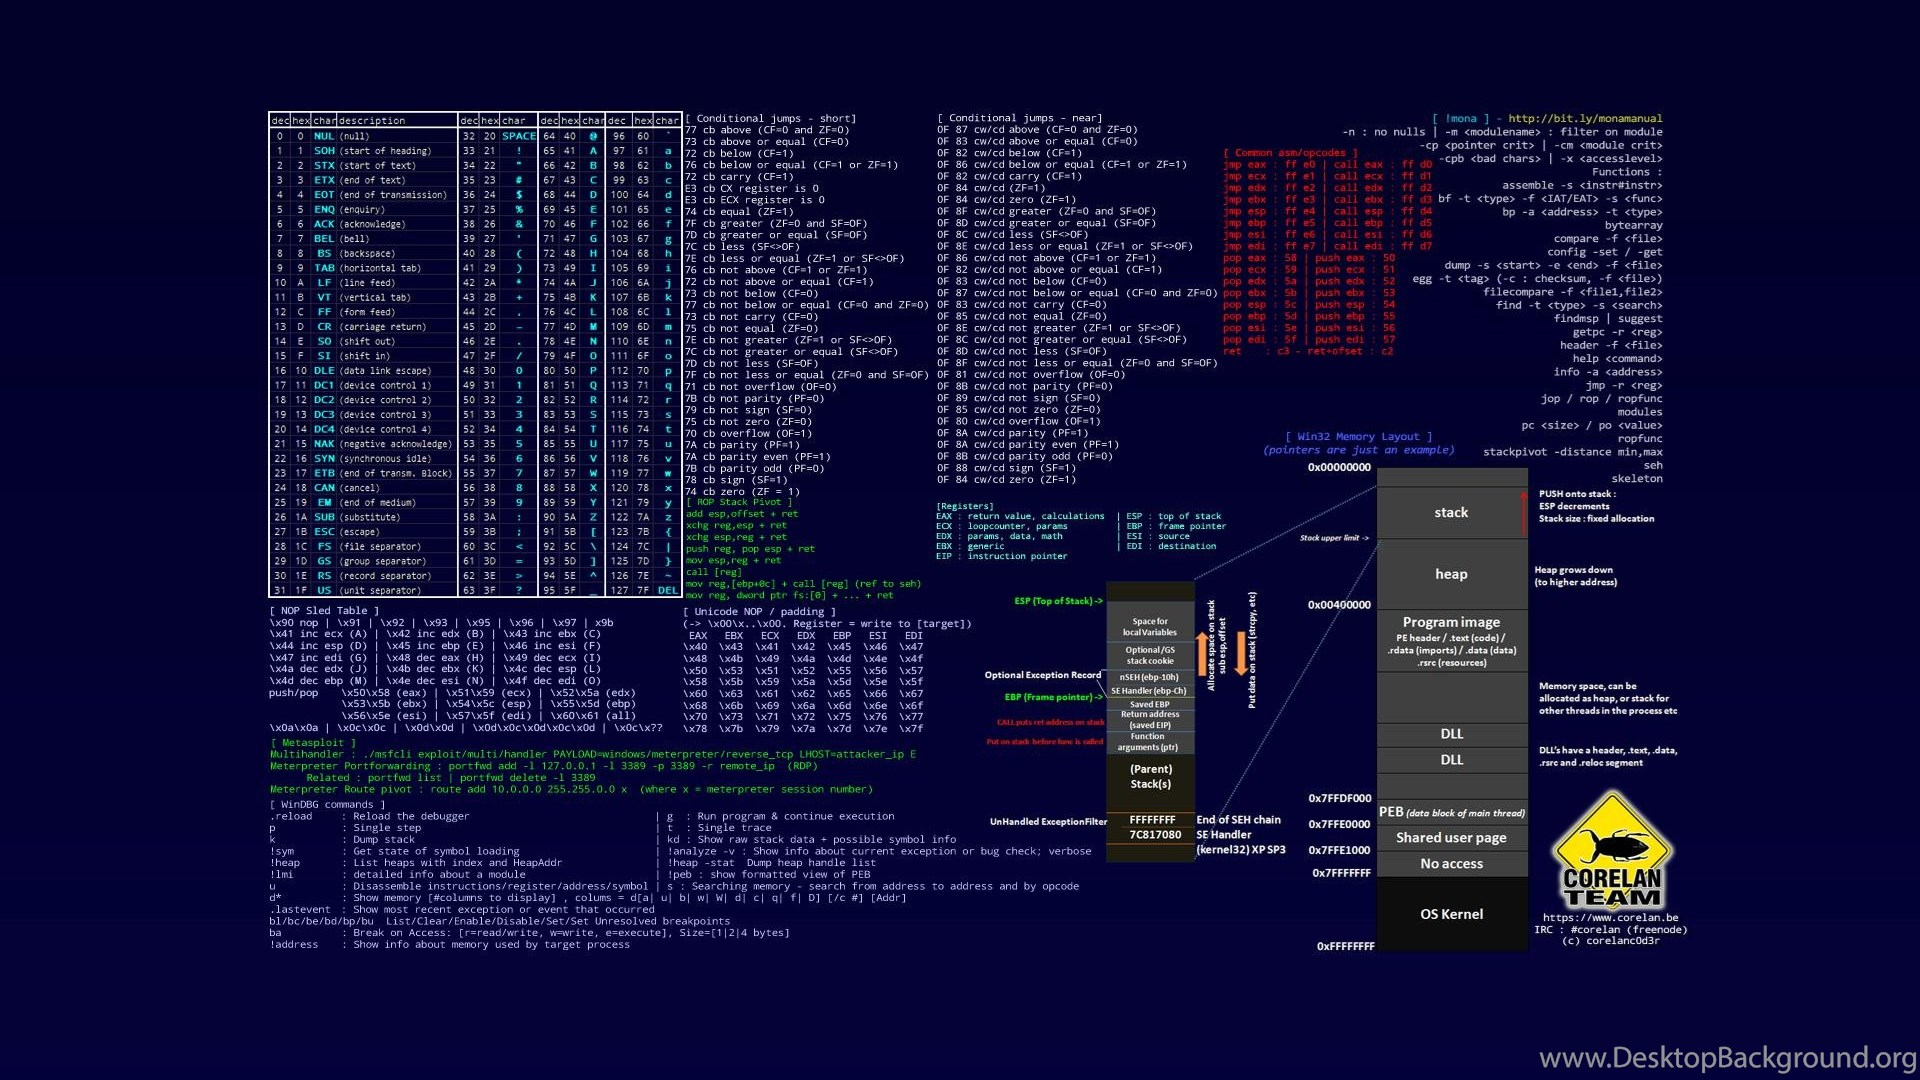 Hacker Wallpapers >>